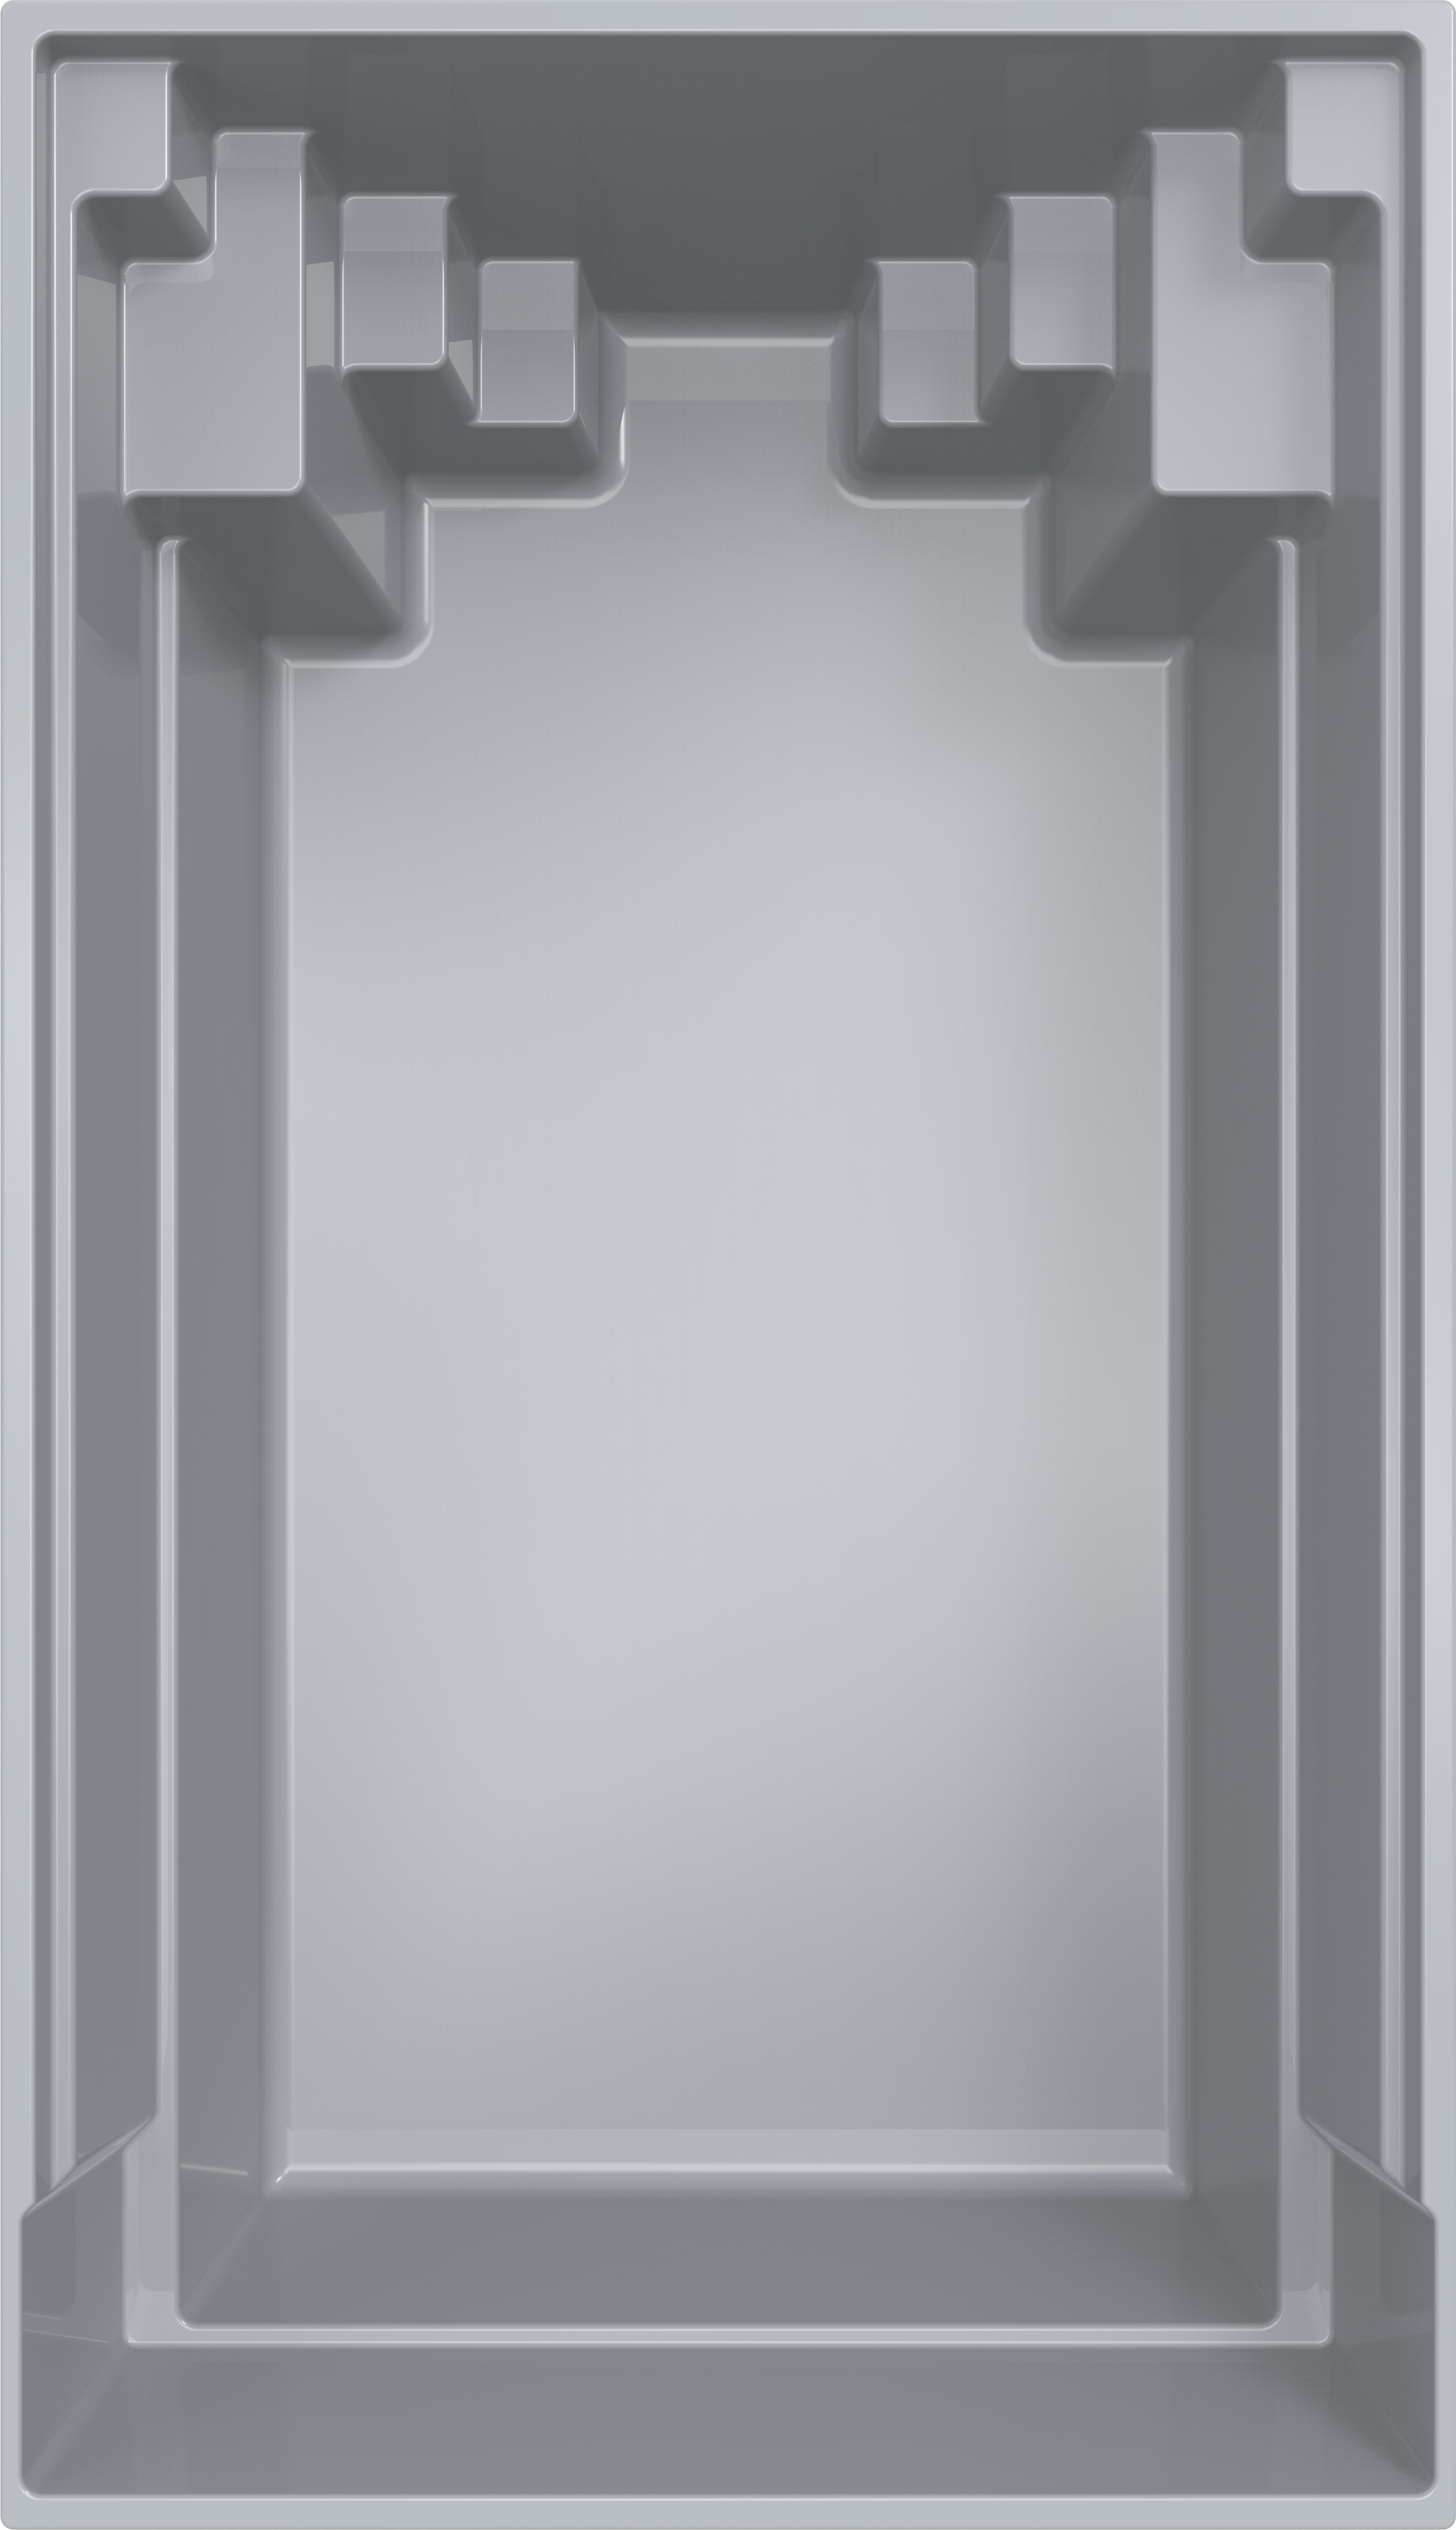 Stiklo pluošto baseinas Balance